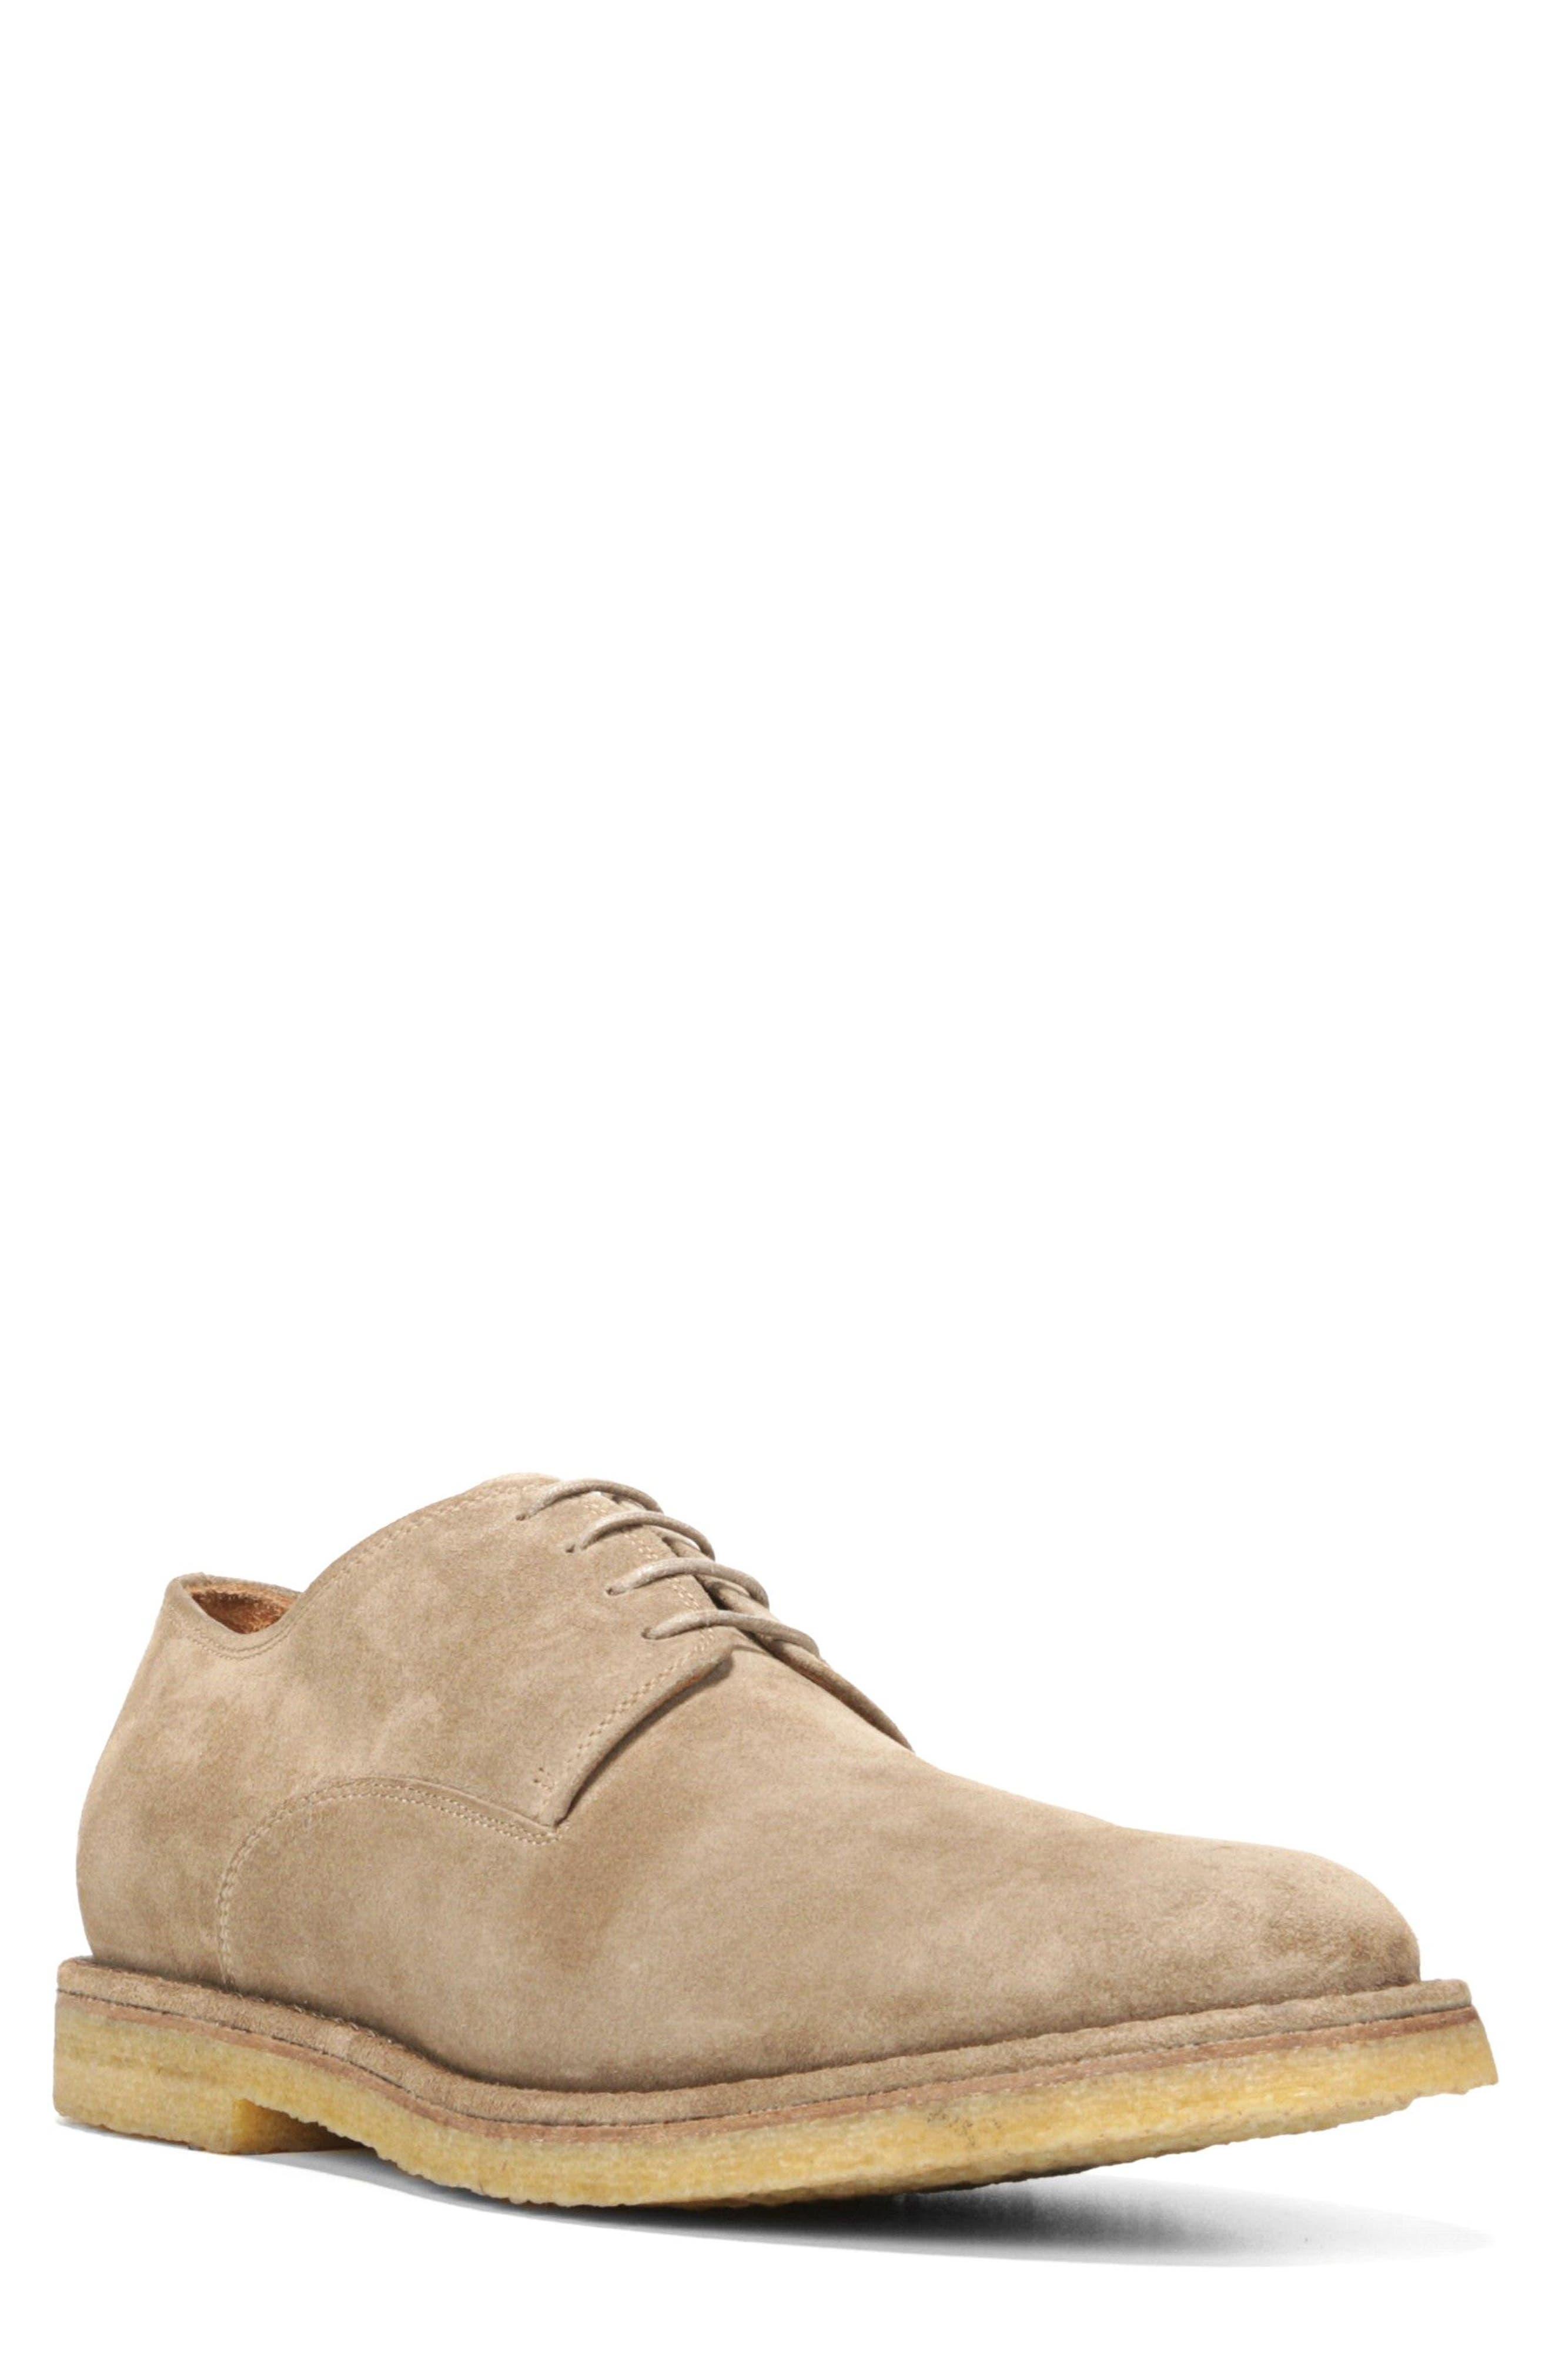 Stetson Buck Shoe,                         Main,                         color, Flint Suede